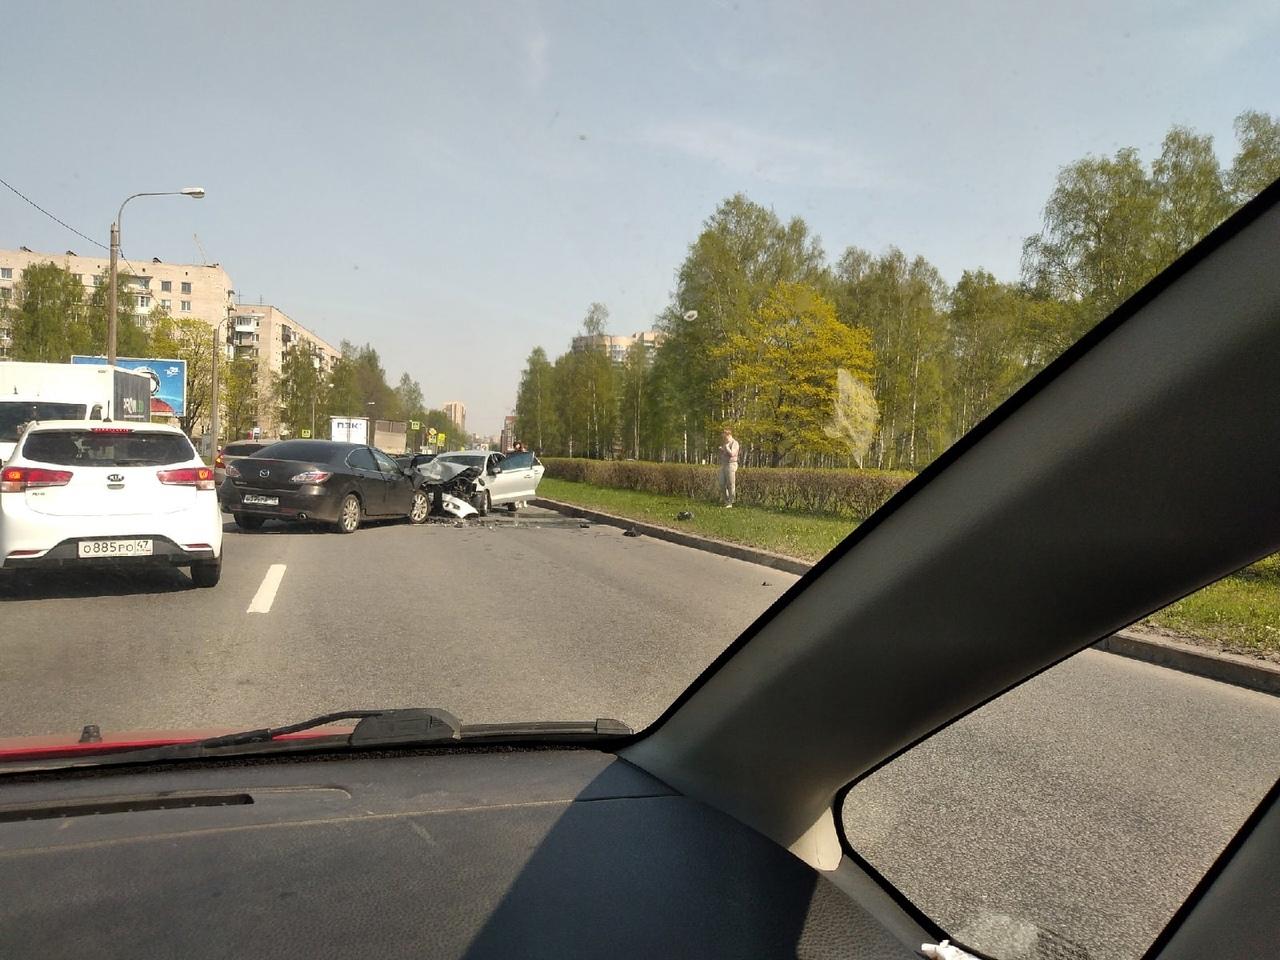 Мазда6 и Поло столкнулись в лобовом ударе на Бутлерова, около улицы Фаворского